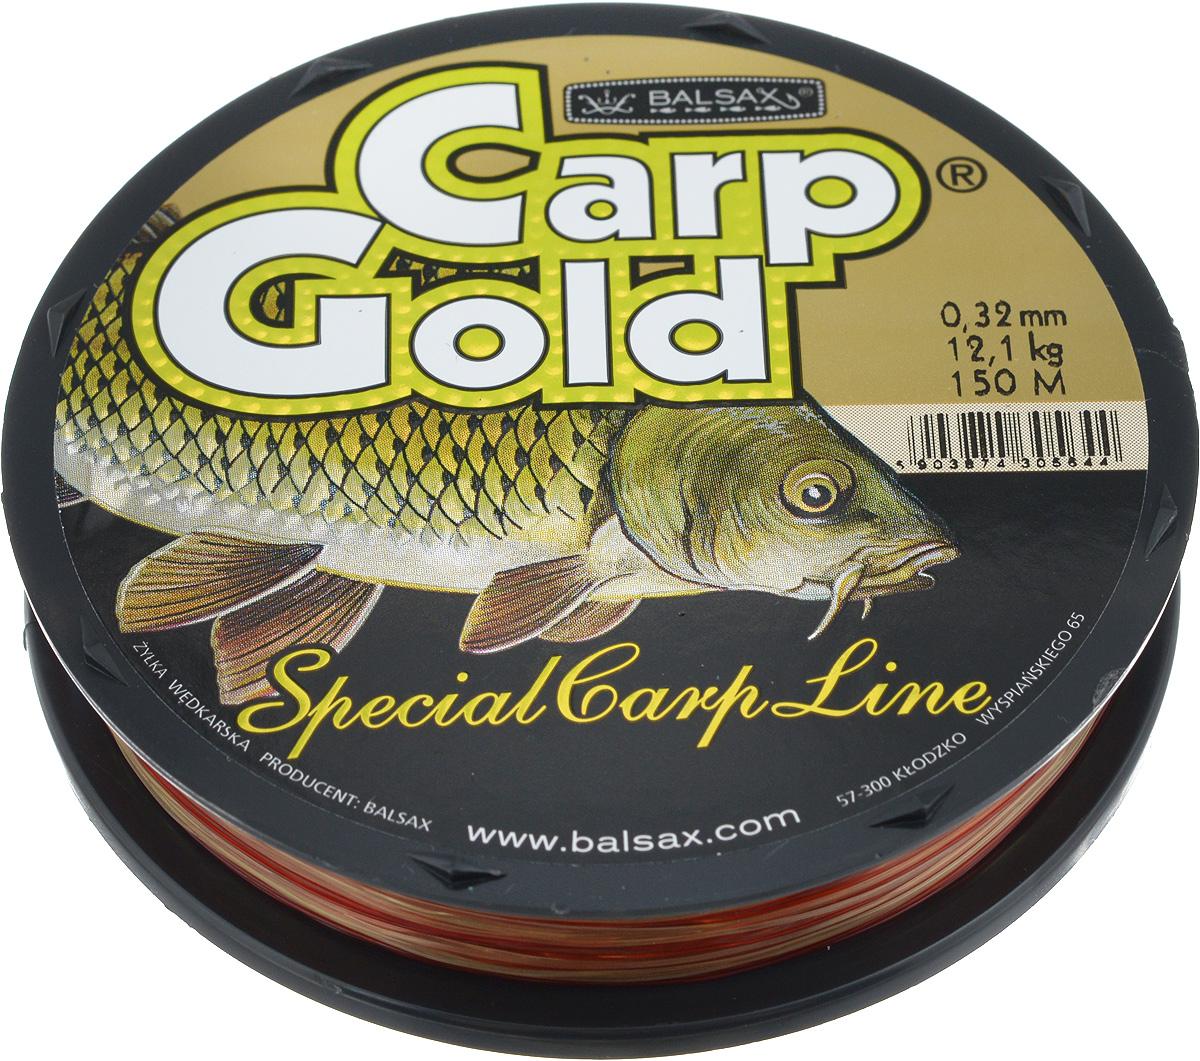 Леска Balsax Gold Carp, 150 м, 0,32 мм, 12,1 кг03/1/12Balsax Gold Carp - это чувствительная леска для крупной рыбы. Отличная сопротивляемость разрыву и контролируемая растяжимость. Превосходно выдерживает на узлах максимальное напряжение, связанное с ловлей крупной рыбы. Благодаря точно подобранным цветам - незаменима при ловли карпа. Такая леска не впитывает воду и маловосприимчива к солнечным лучам.